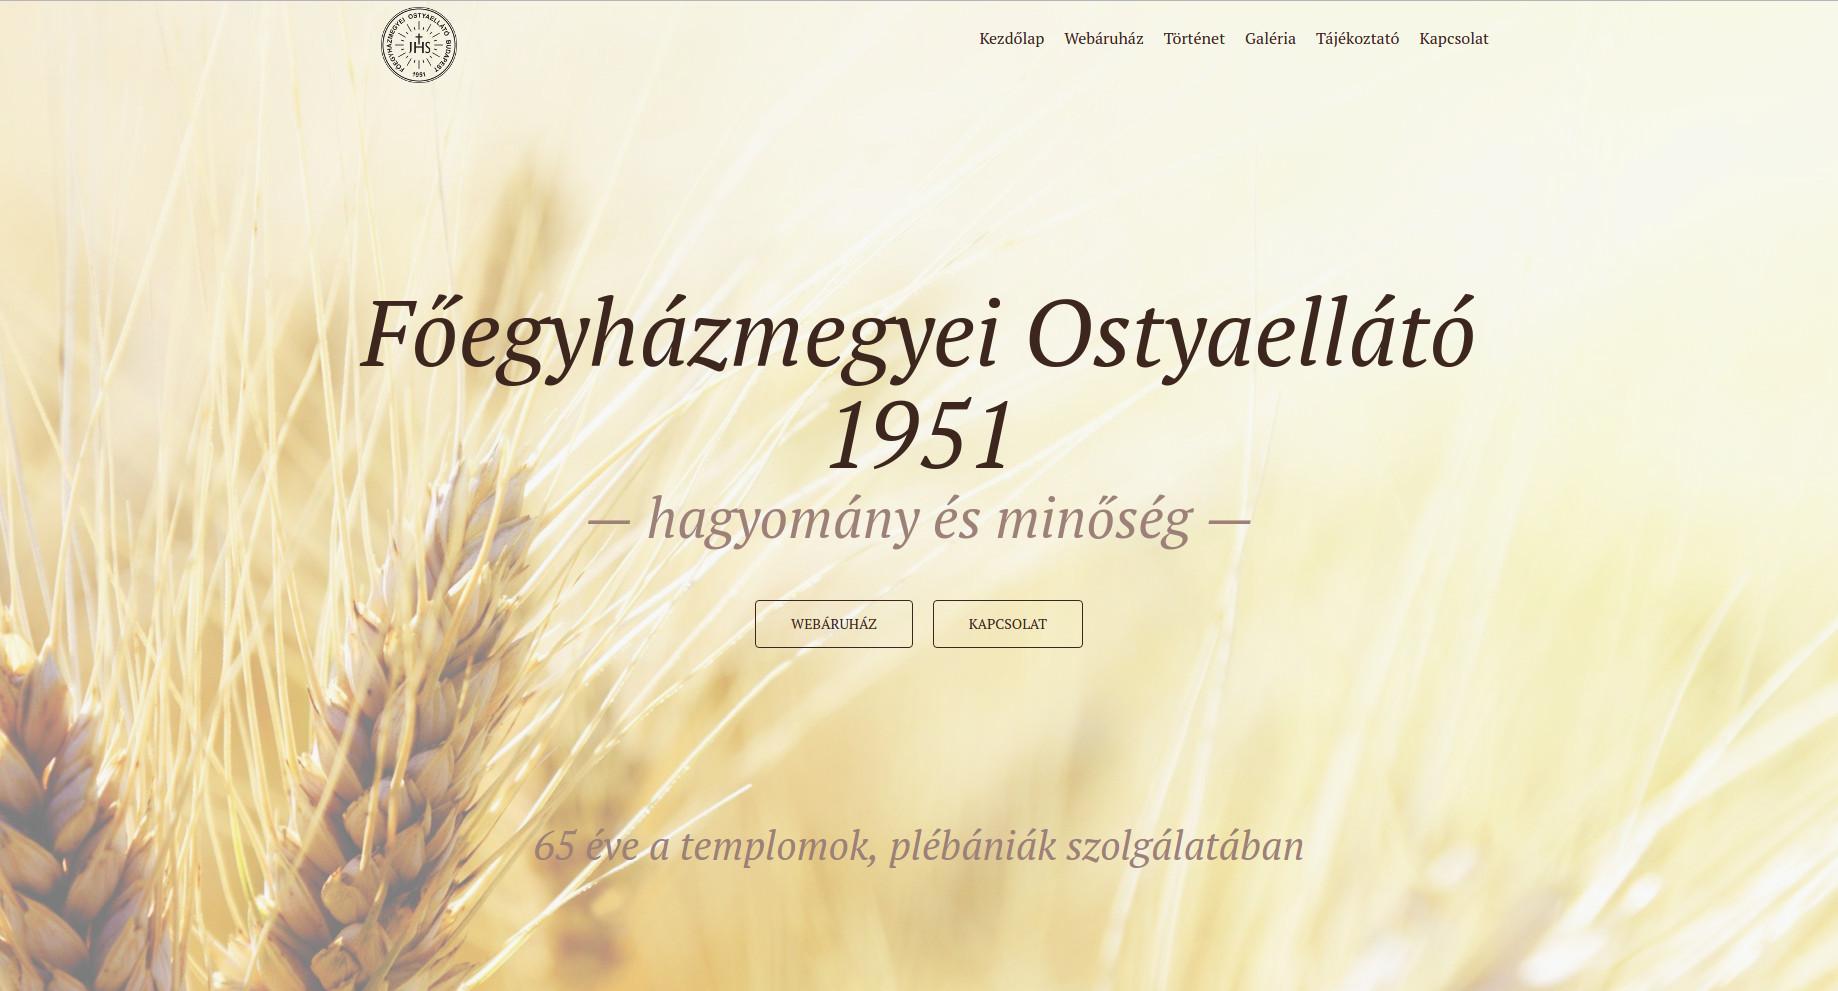 Főegyházmegyei Ostyaellátó webáruház